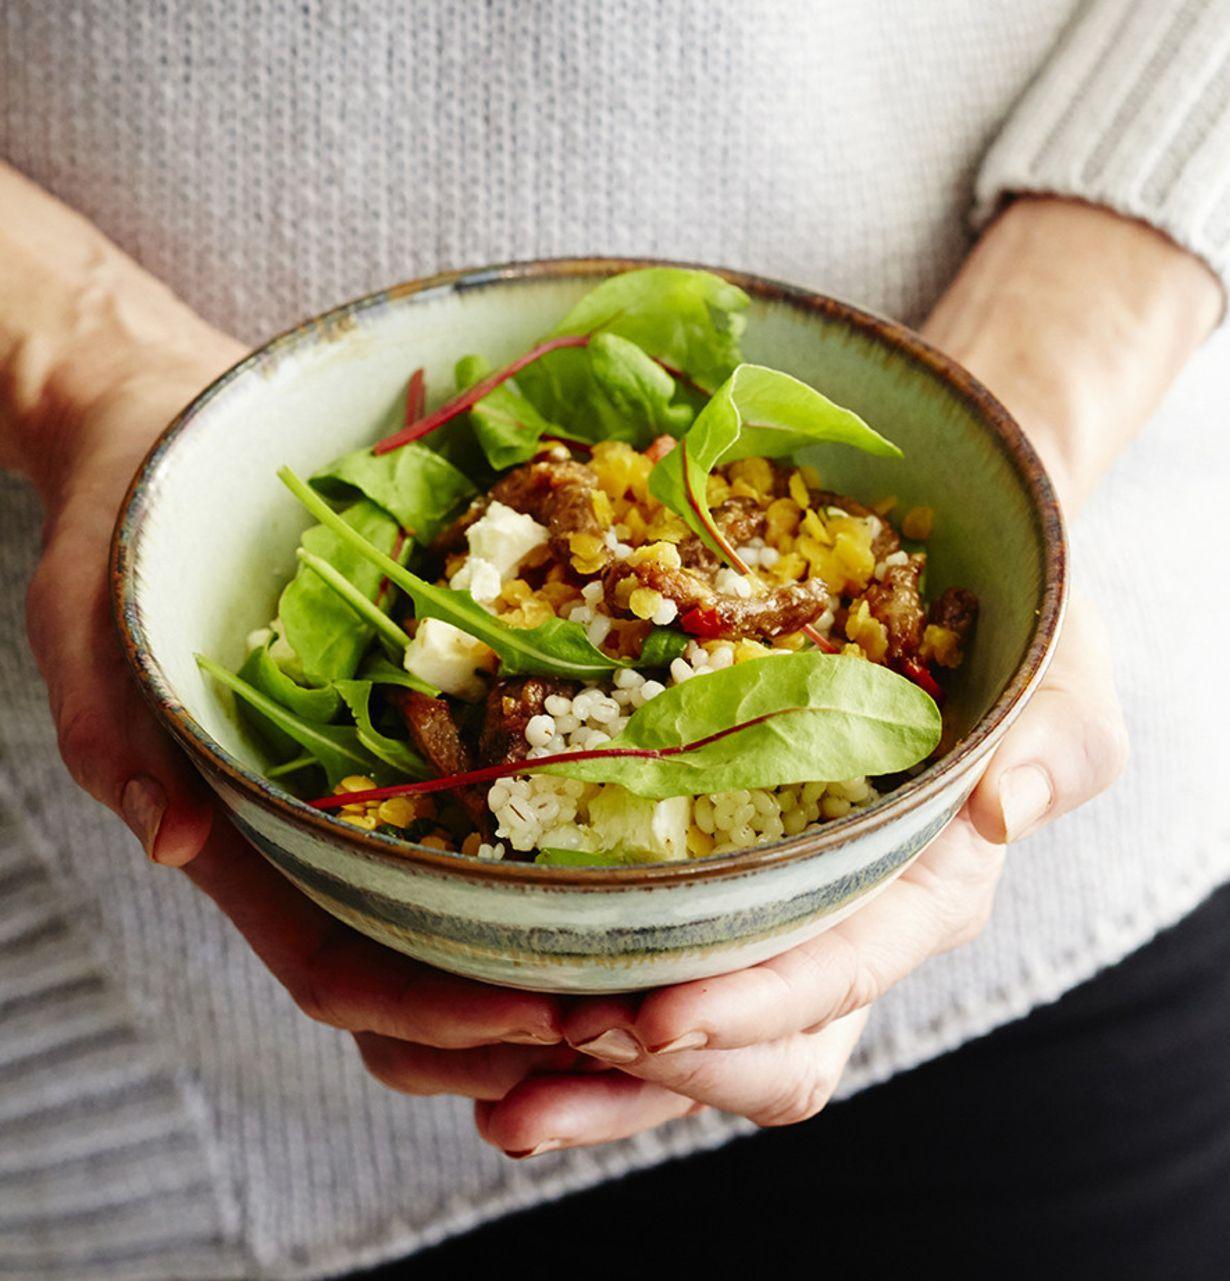 Tee oma kulhoruoka. Poimi annokseen omia lempimakuja; maustettua fetaa, appelsiinilinssejä, maapähkinänautaa ja viljavaa ohraa.